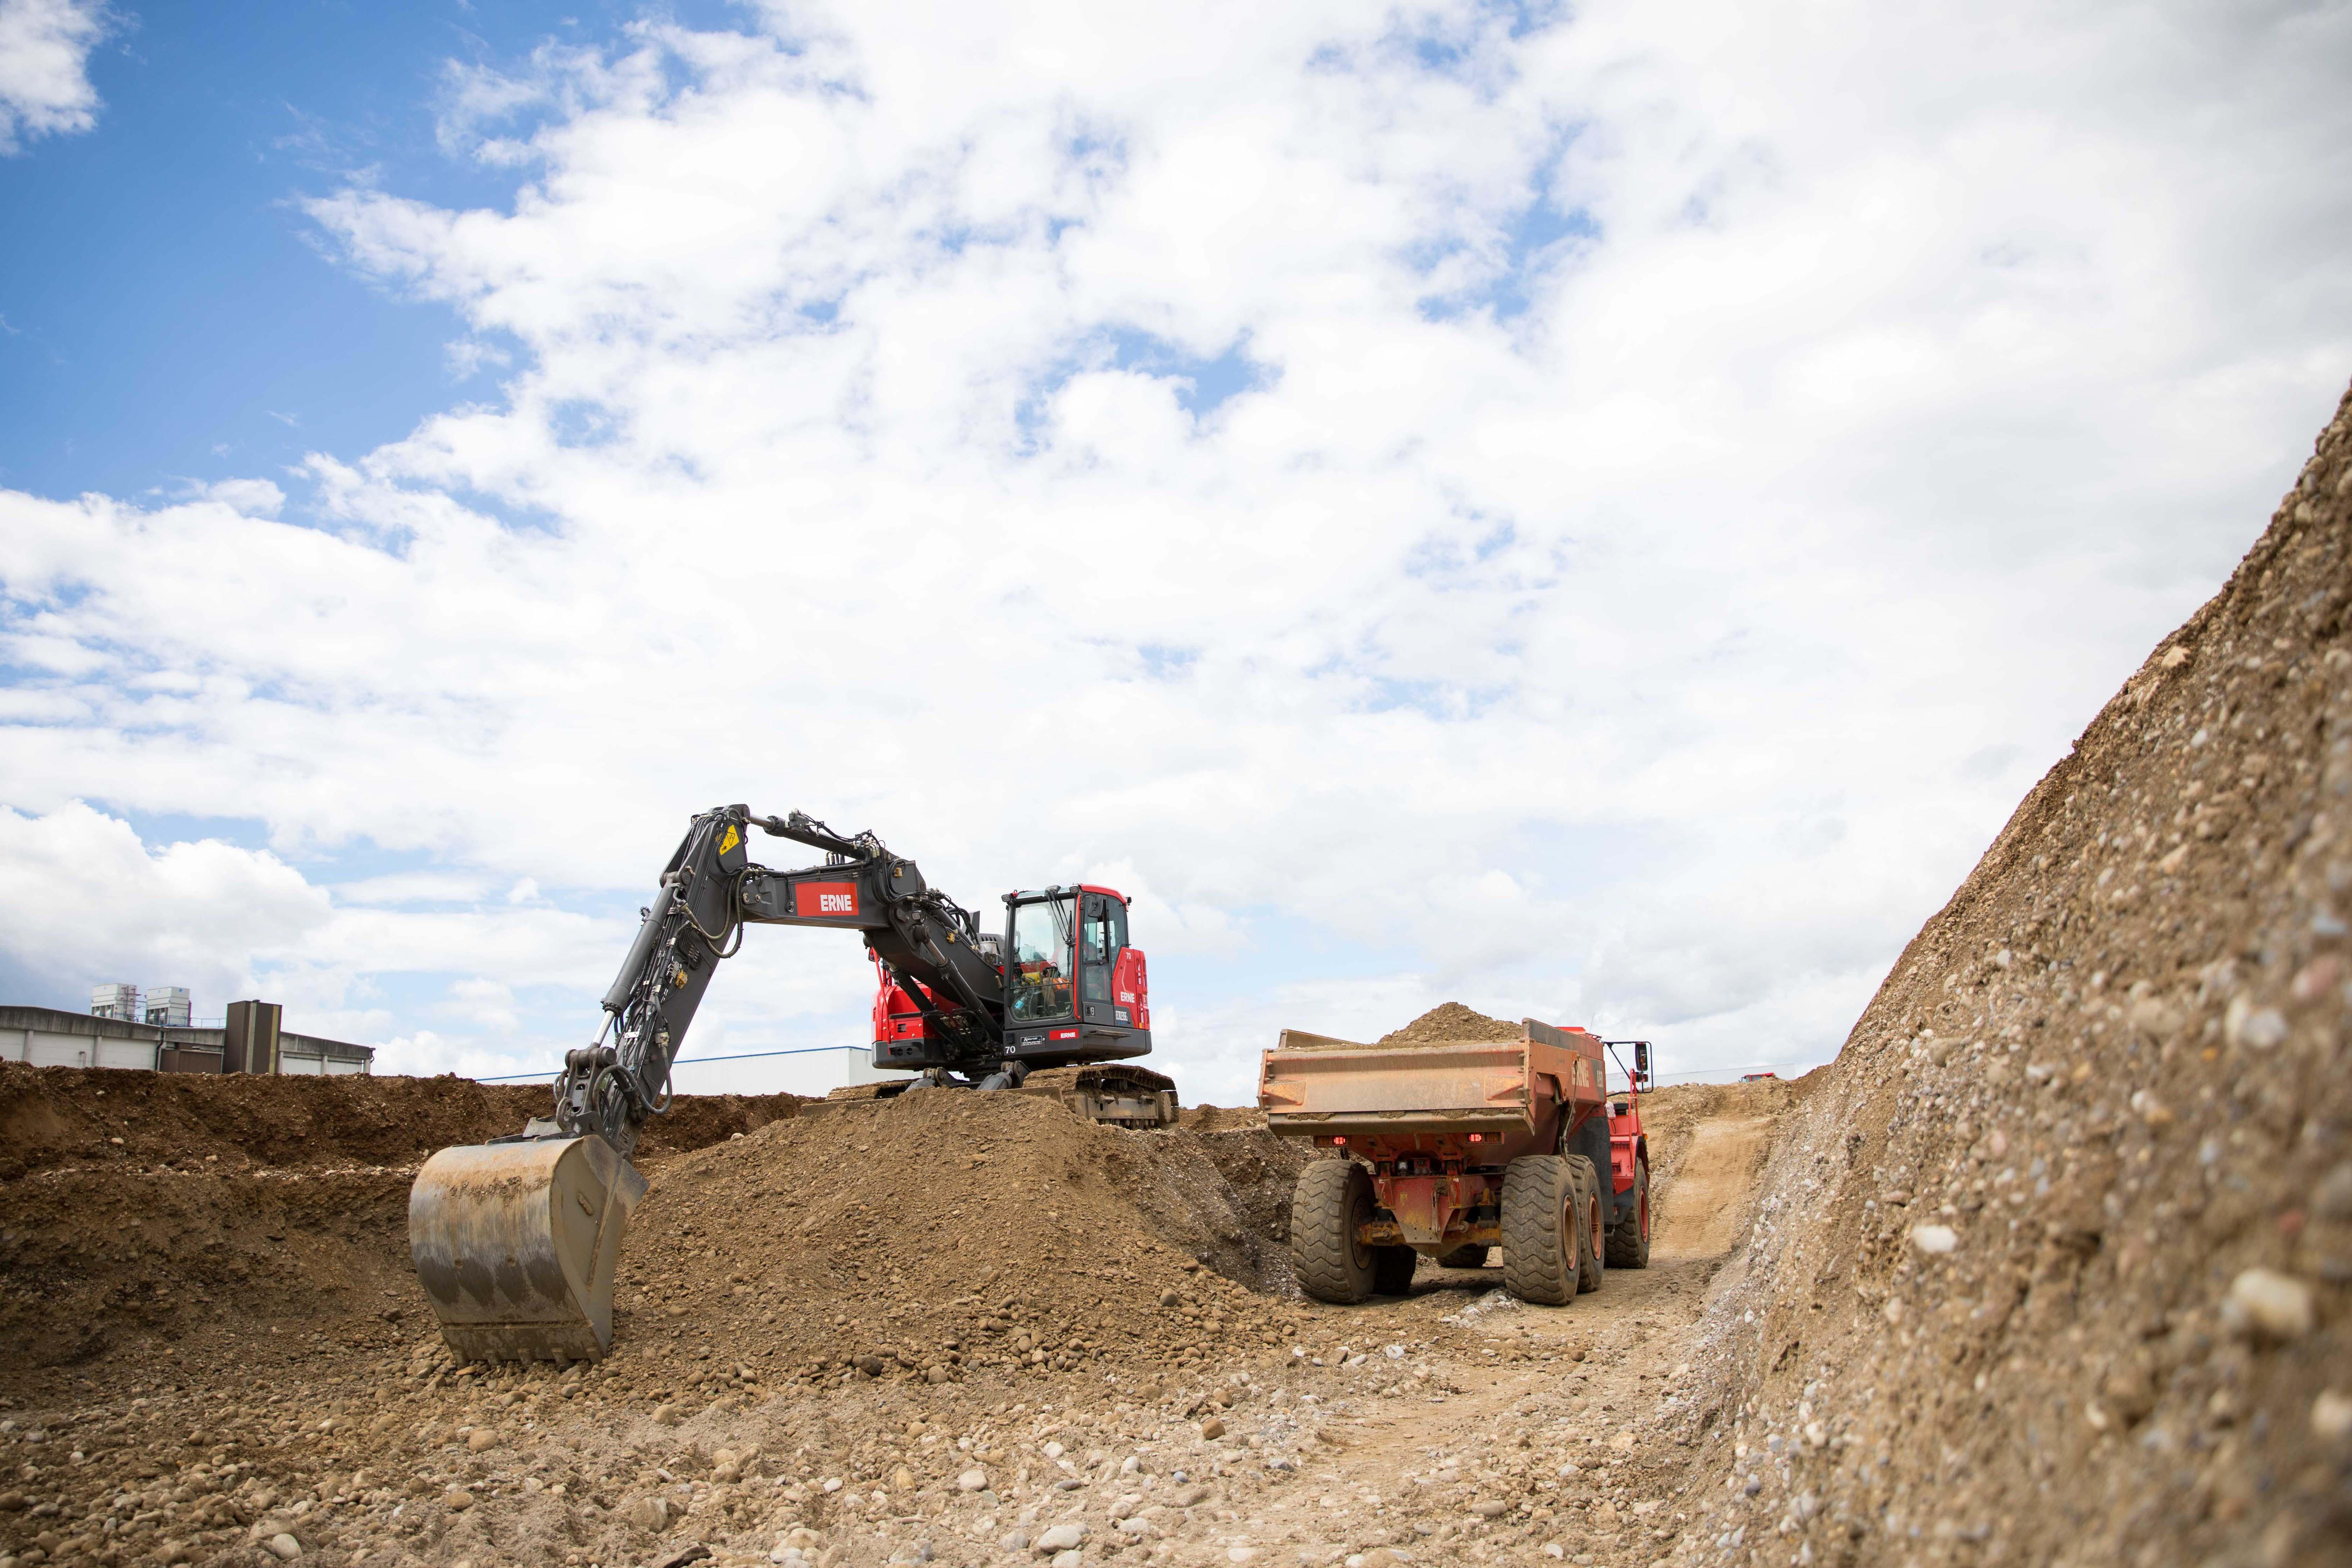 Baugrubenaushub und Erdarbeiten, Verschiebung von Terrains und Hochwasserschutz. ERNE bietet vielseitige Dienstleistungen.